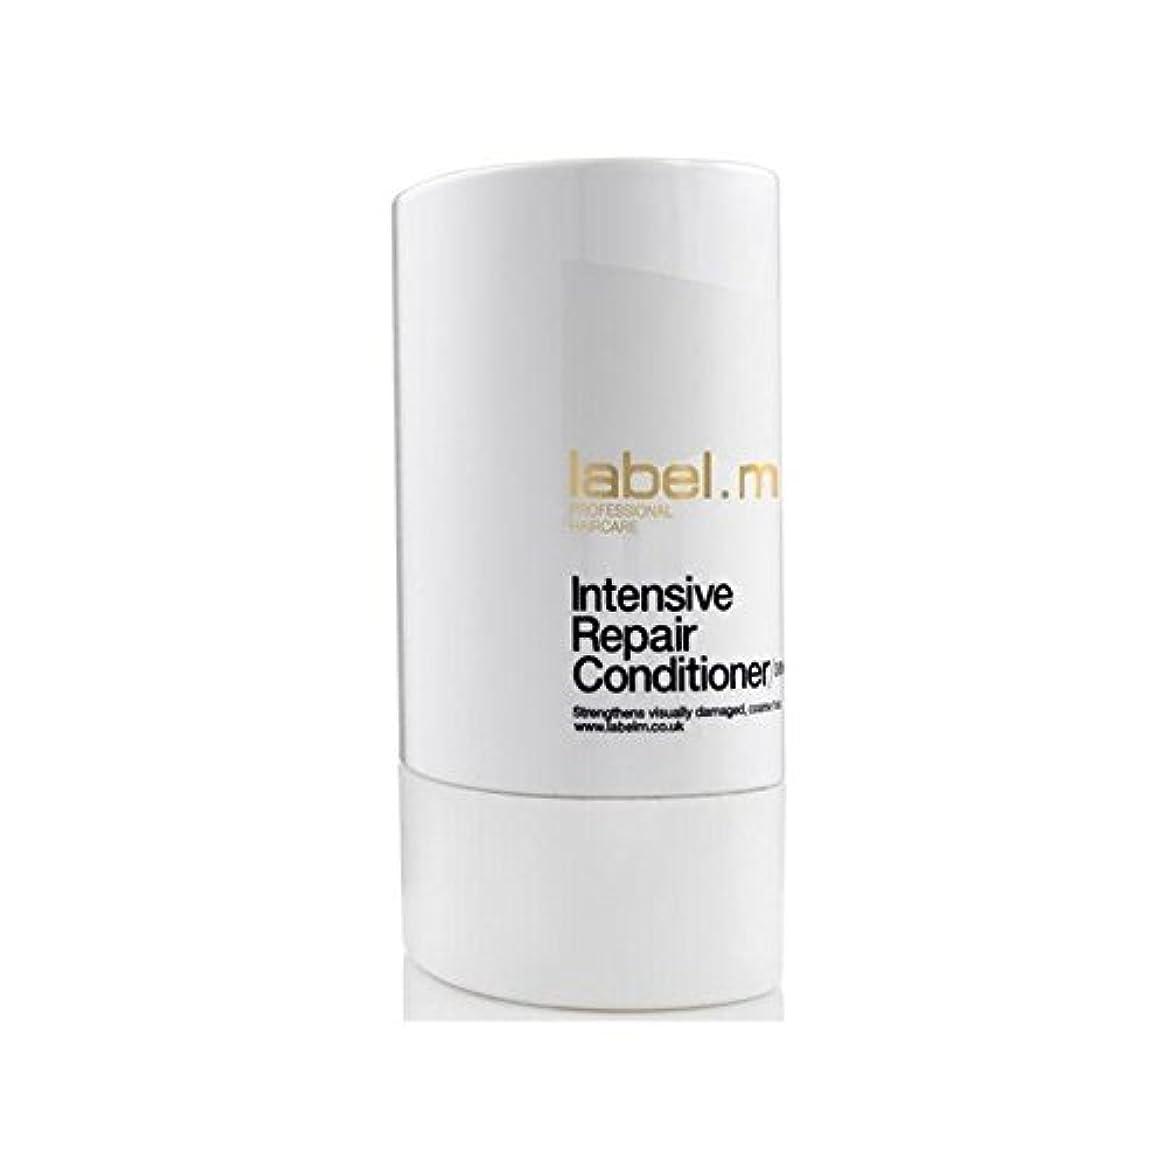 測るクラシック皮肉Label.M Intensive Repair Conditioner (300ml) - .の集中リペアコンディショナー(300ミリリットル) [並行輸入品]